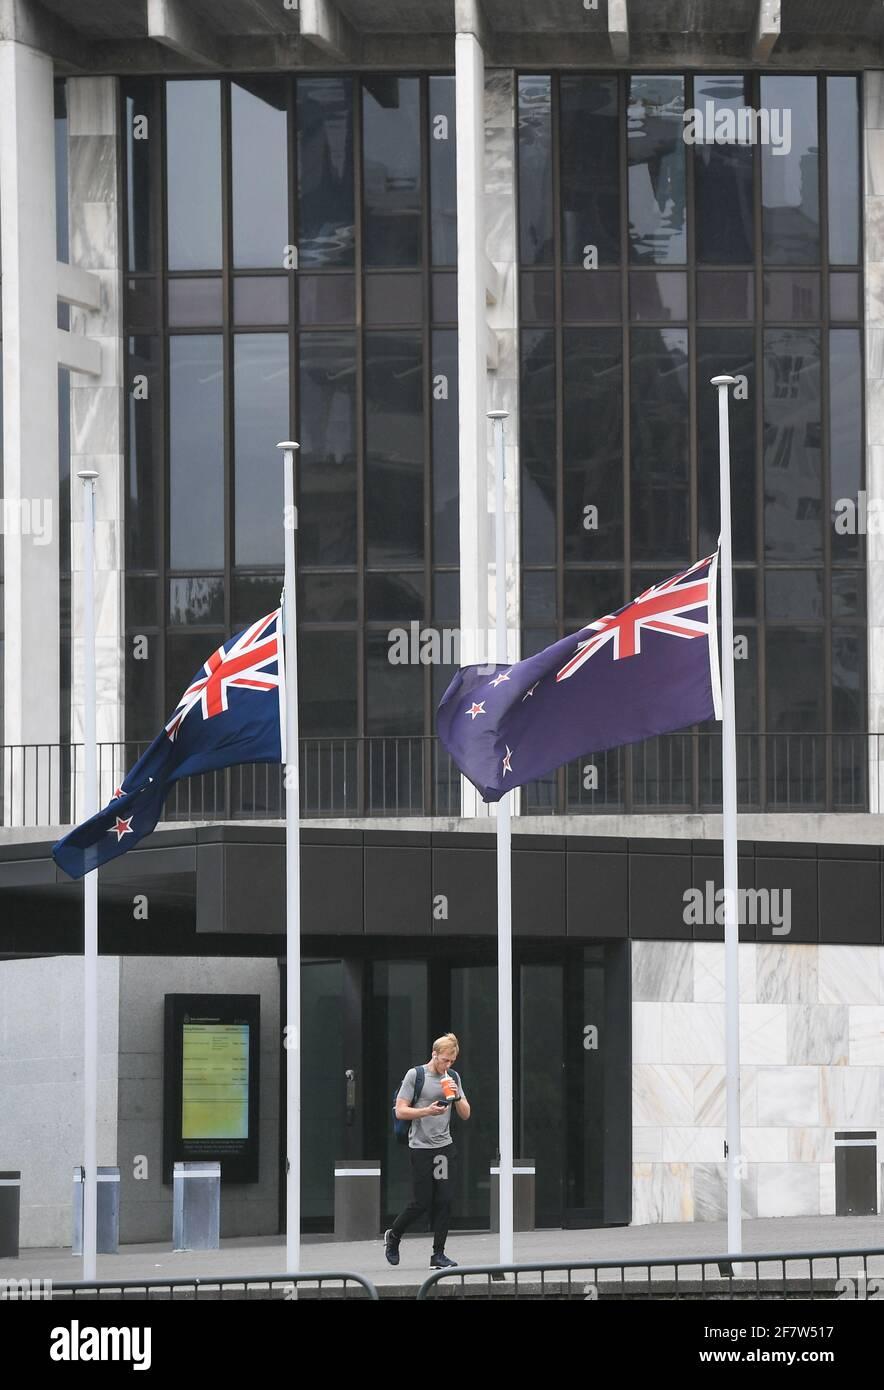 Wellington, Wellington. 10th de Abr de 2021. Las banderas nacionales de Nueva Zelanda vuelan a media asta frente a Beehive, el edificio del parlamento de Nueva Zelanda, para mostrar condolencias por la muerte del príncipe Felipe de Gran Bretaña, en Wellington, Nueva Zelanda, el 10 de abril de 2021. Crédito: Guo Lei/Xinhua/Alamy Live News Foto de stock